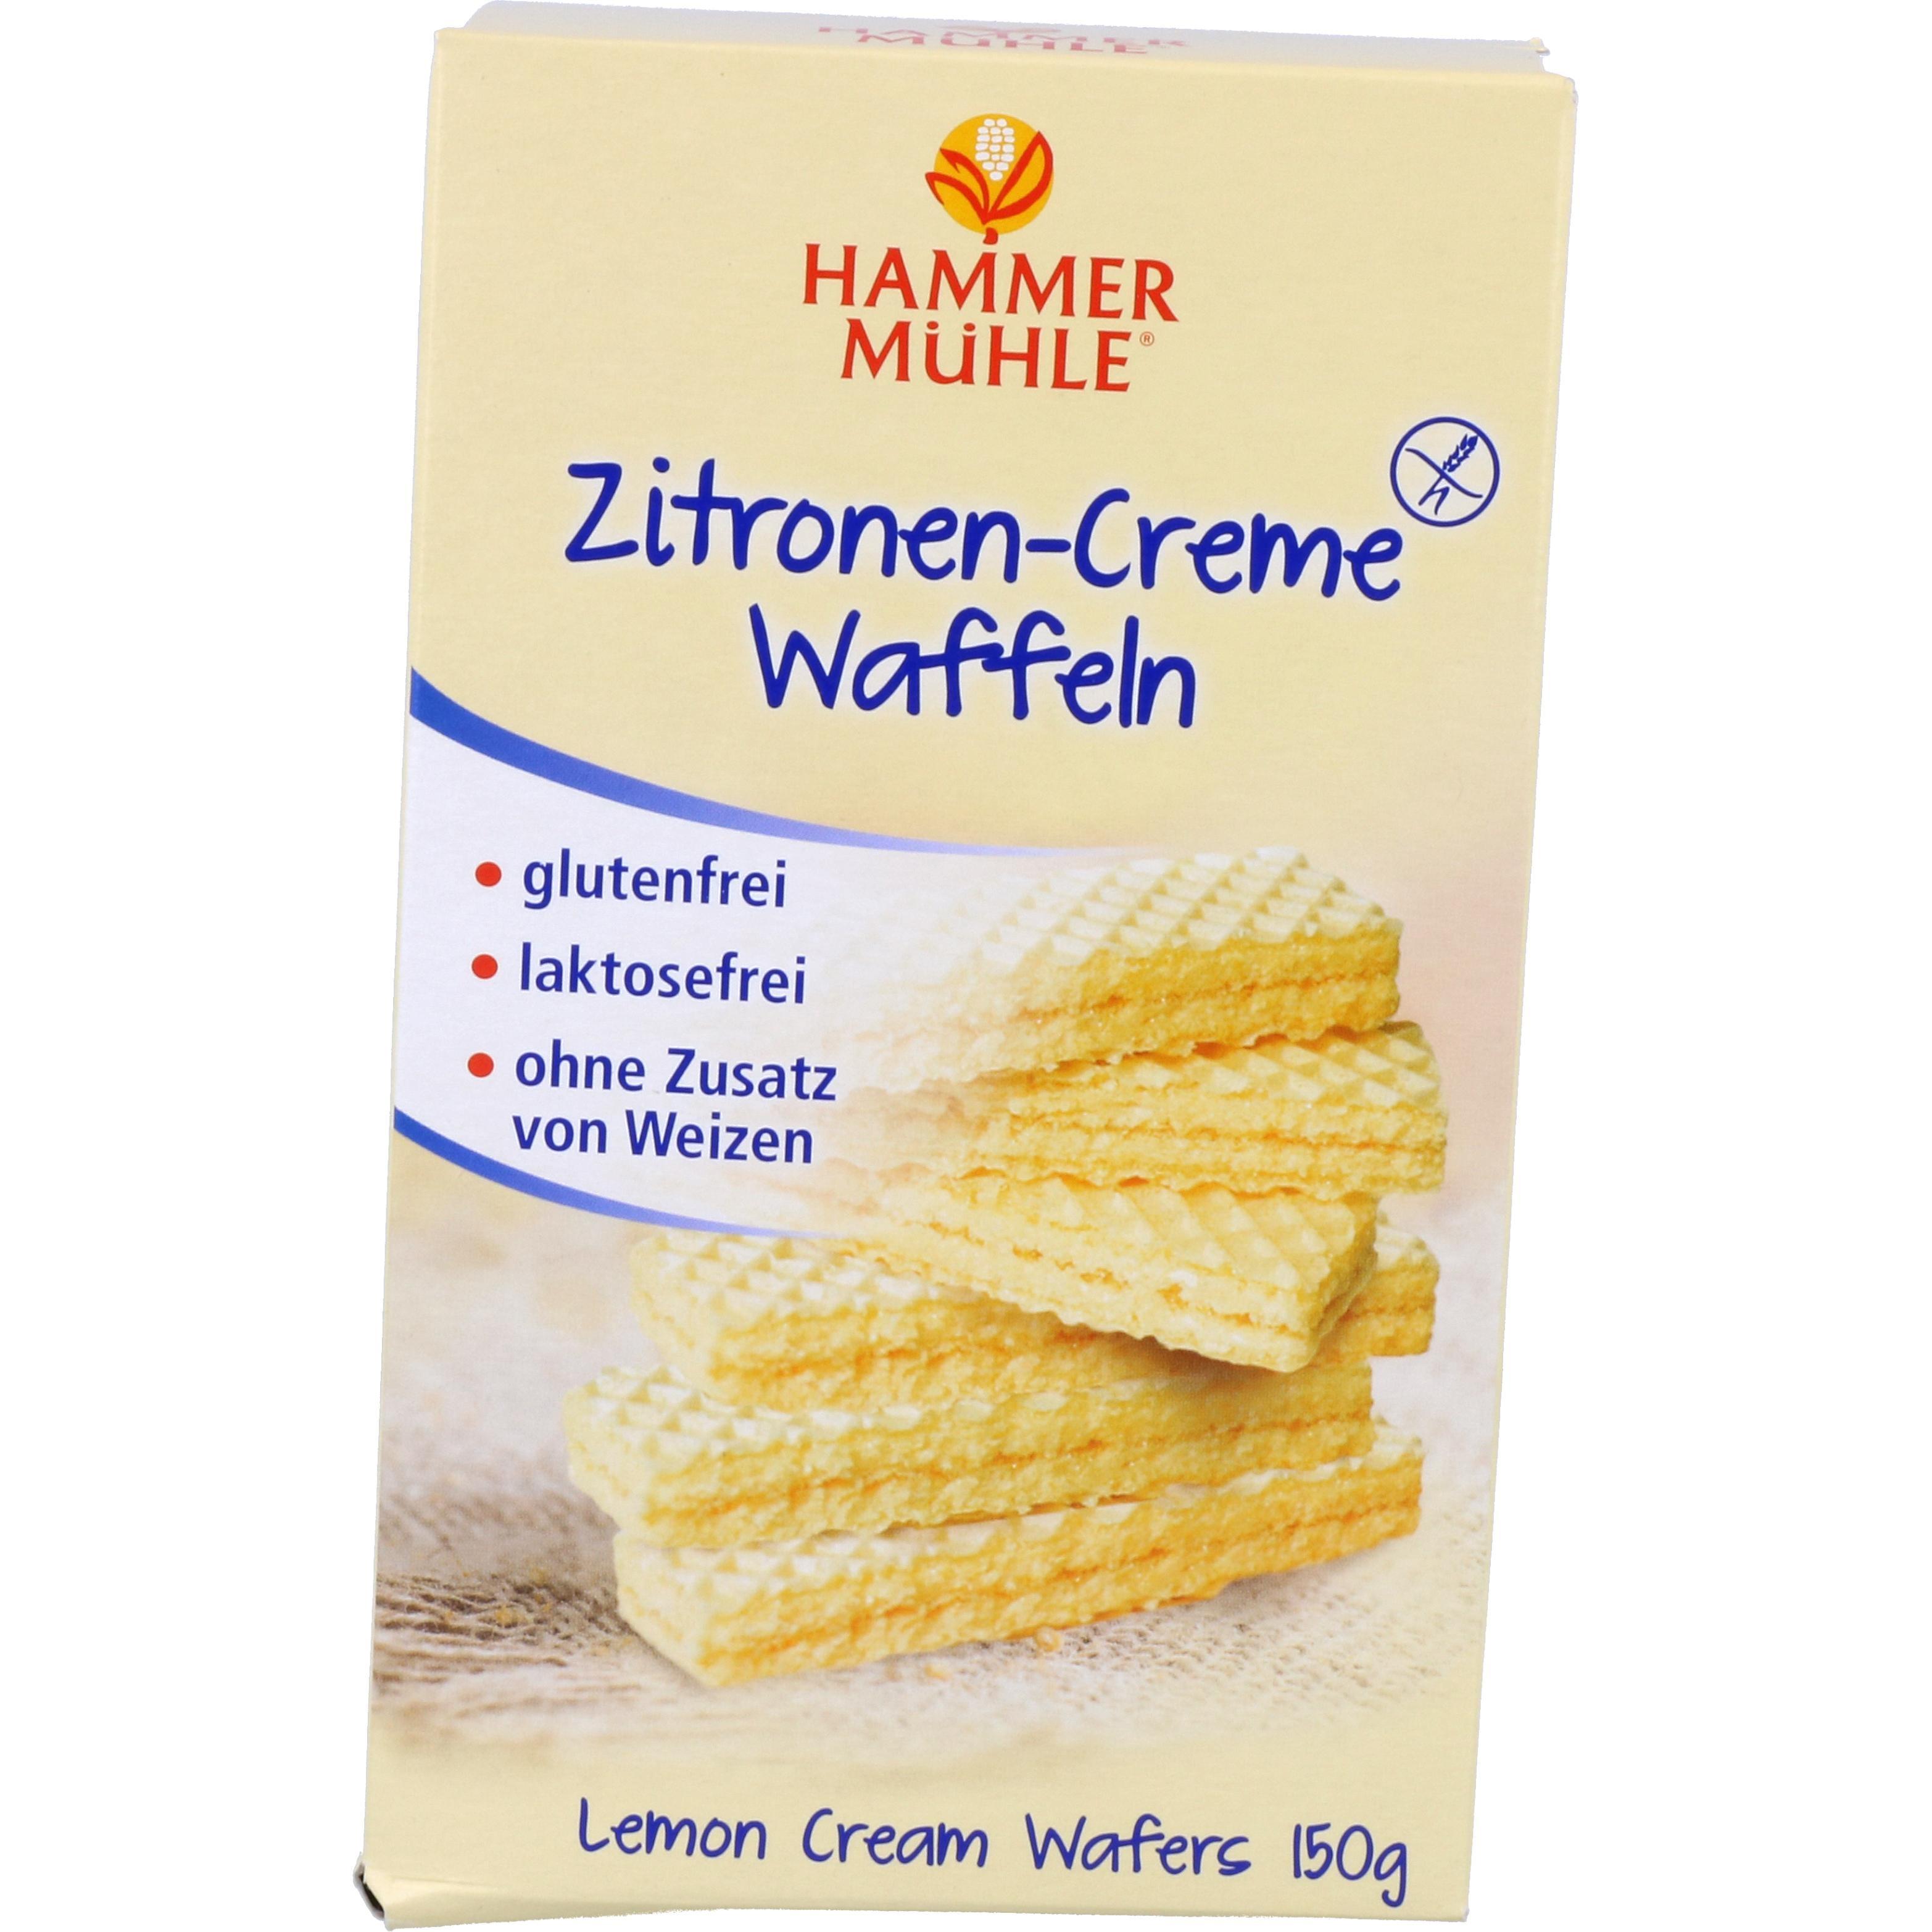 Hammermühle Zitronen-Creme-Waffeln 150g